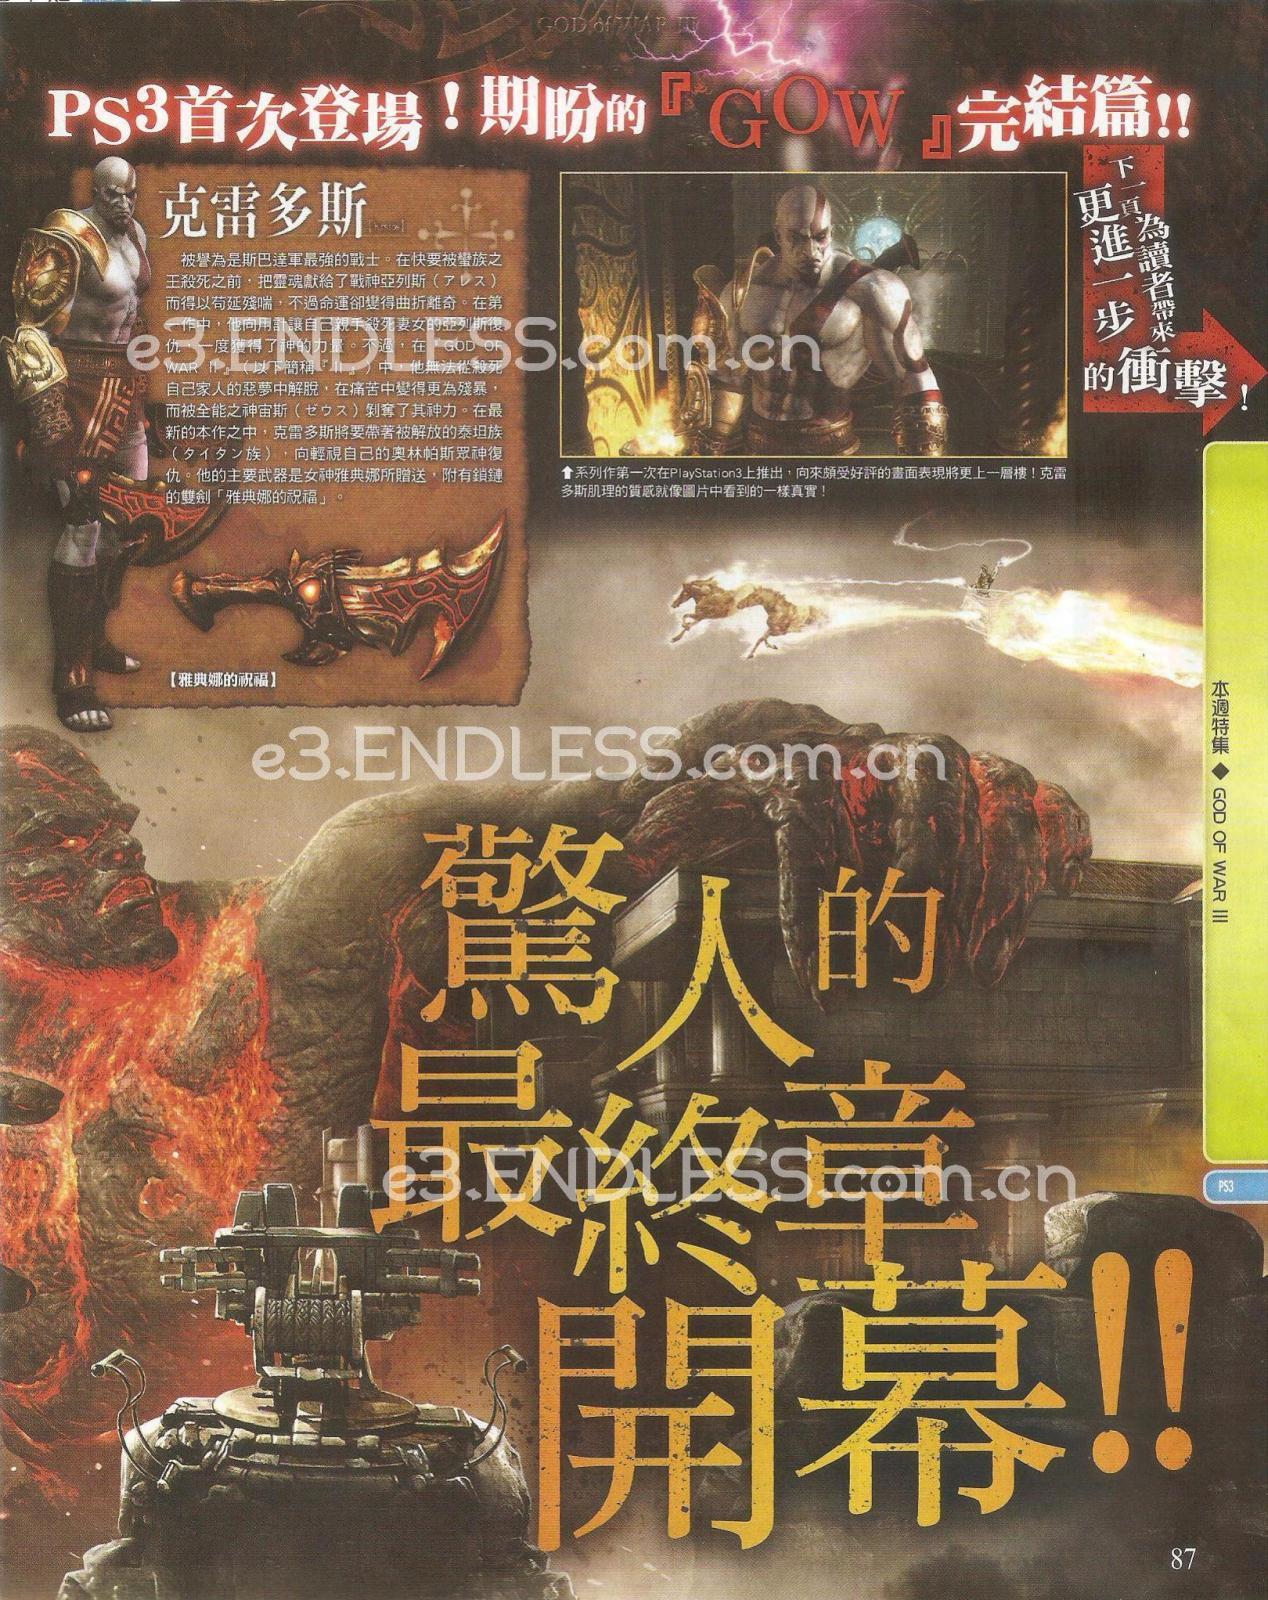 god_of_war_scan_5